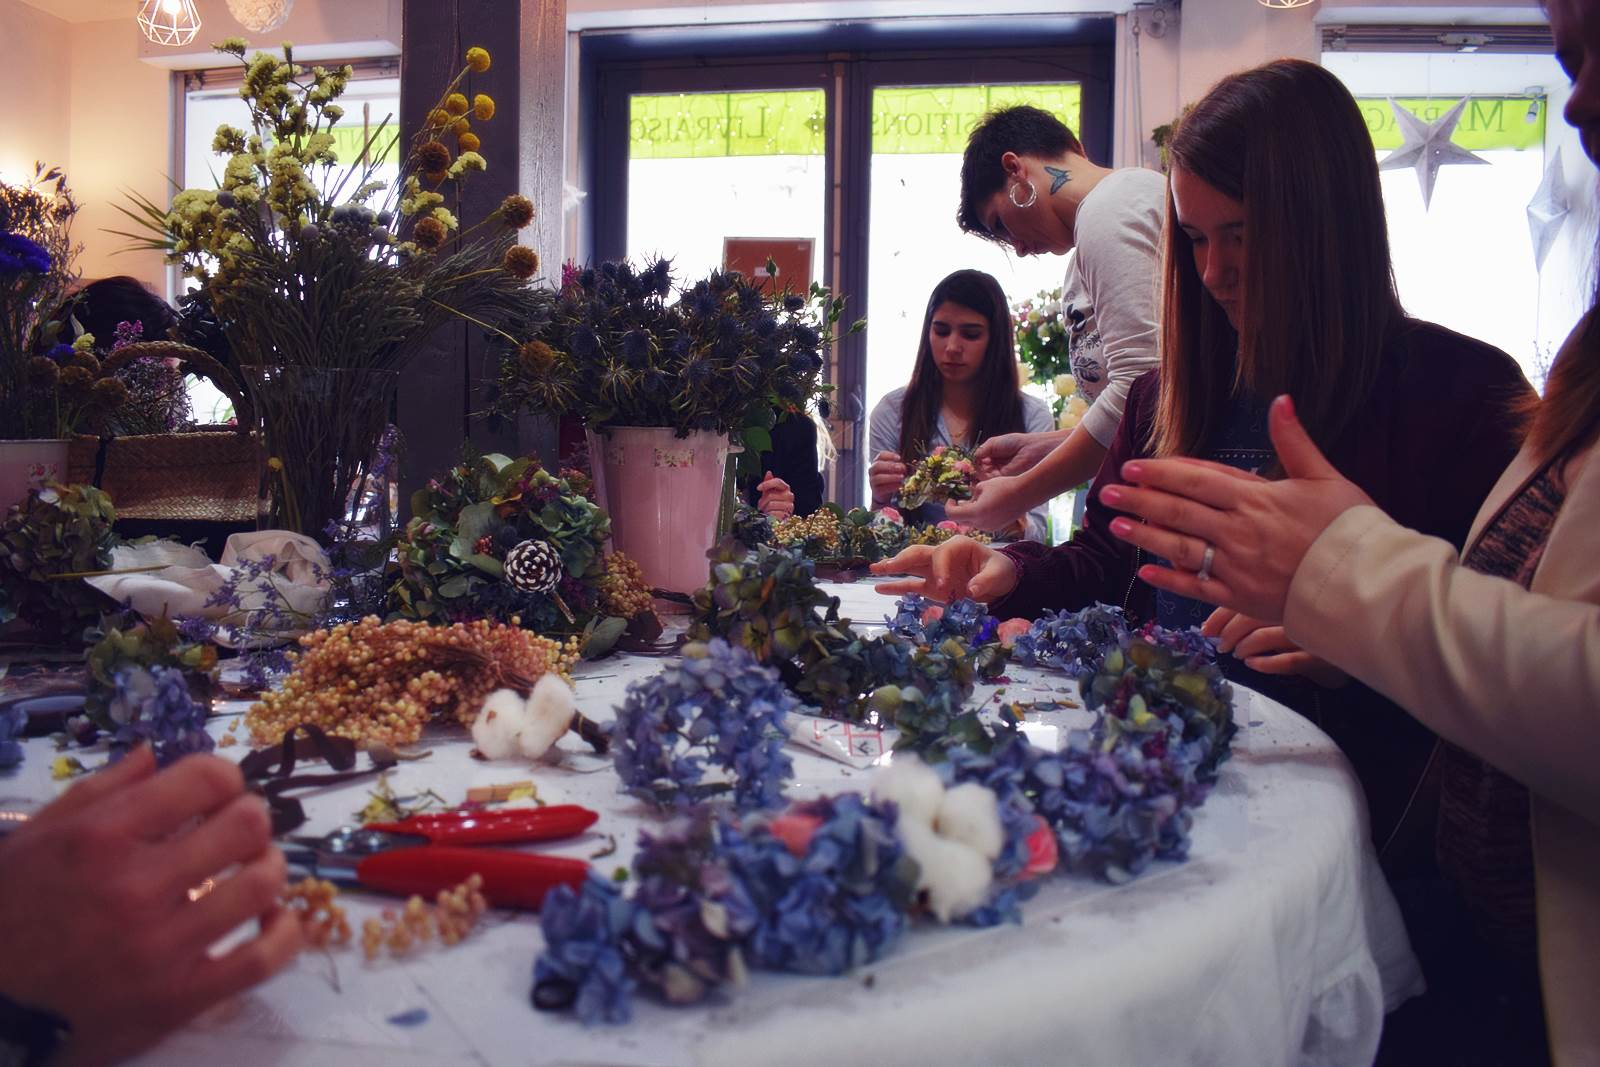 Atelier couronnes fleur photos chateaubriant 4